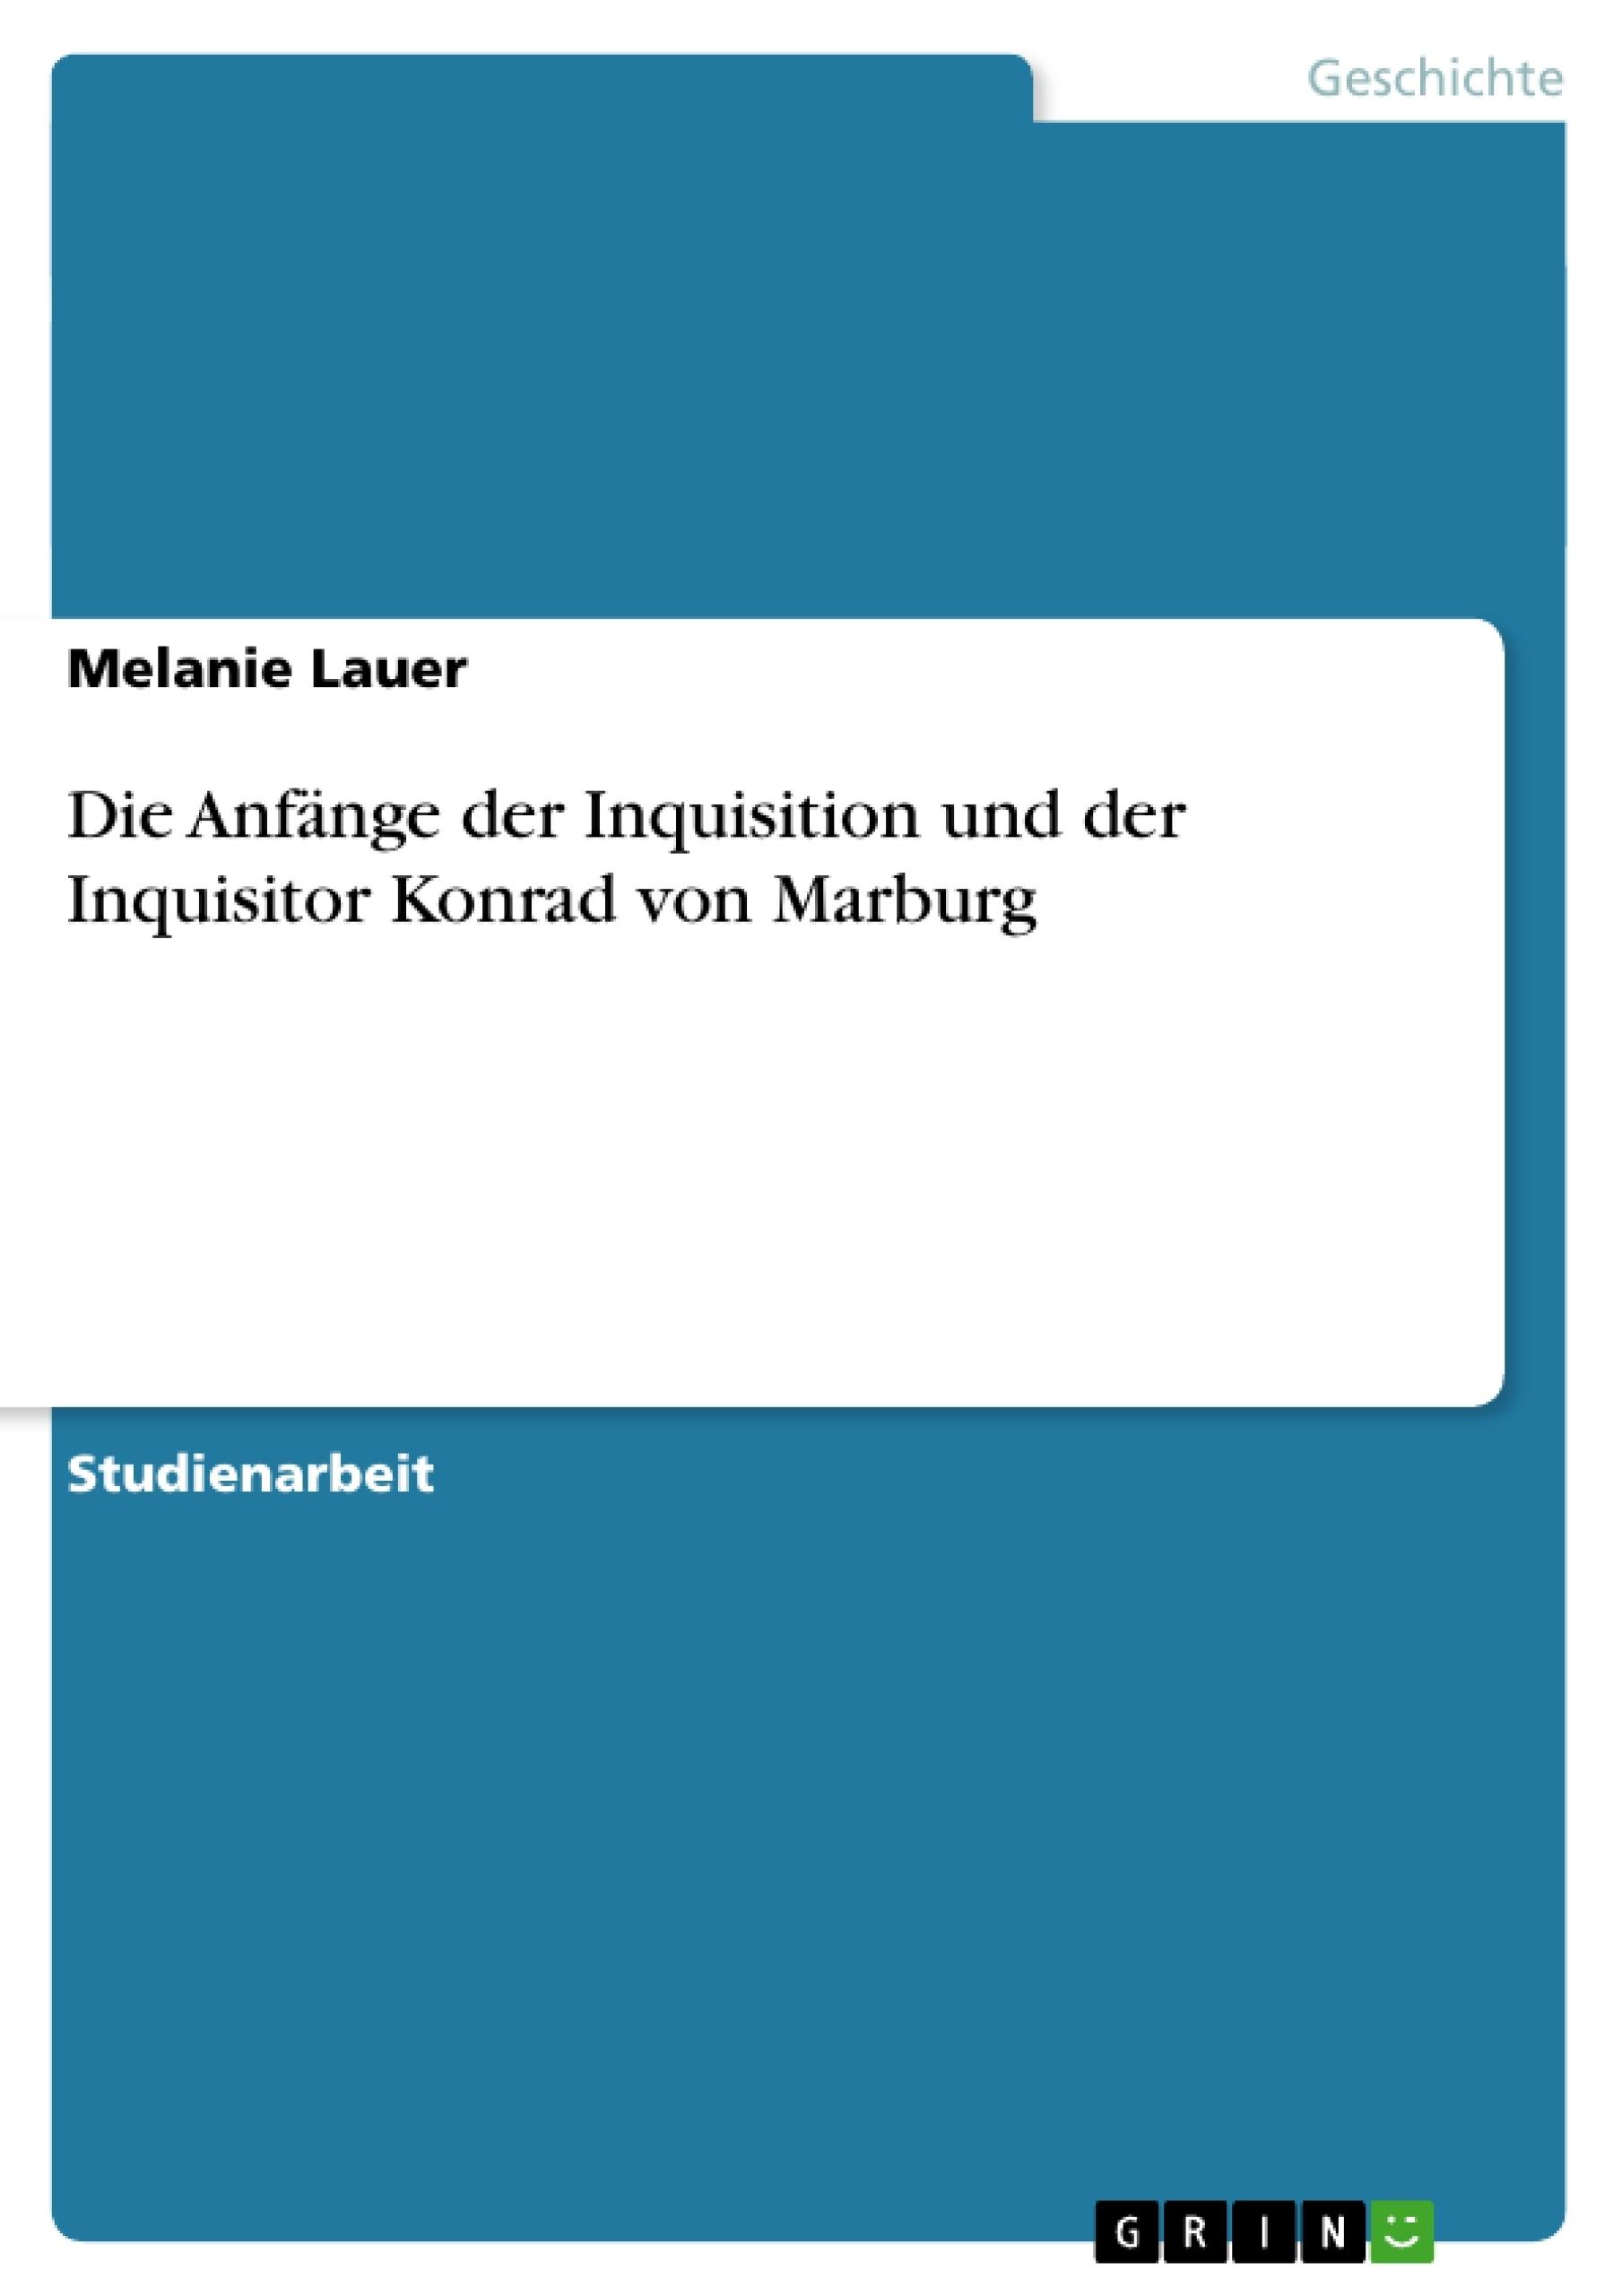 Titel: Die Anfänge der Inquisition und der Inquisitor Konrad von Marburg